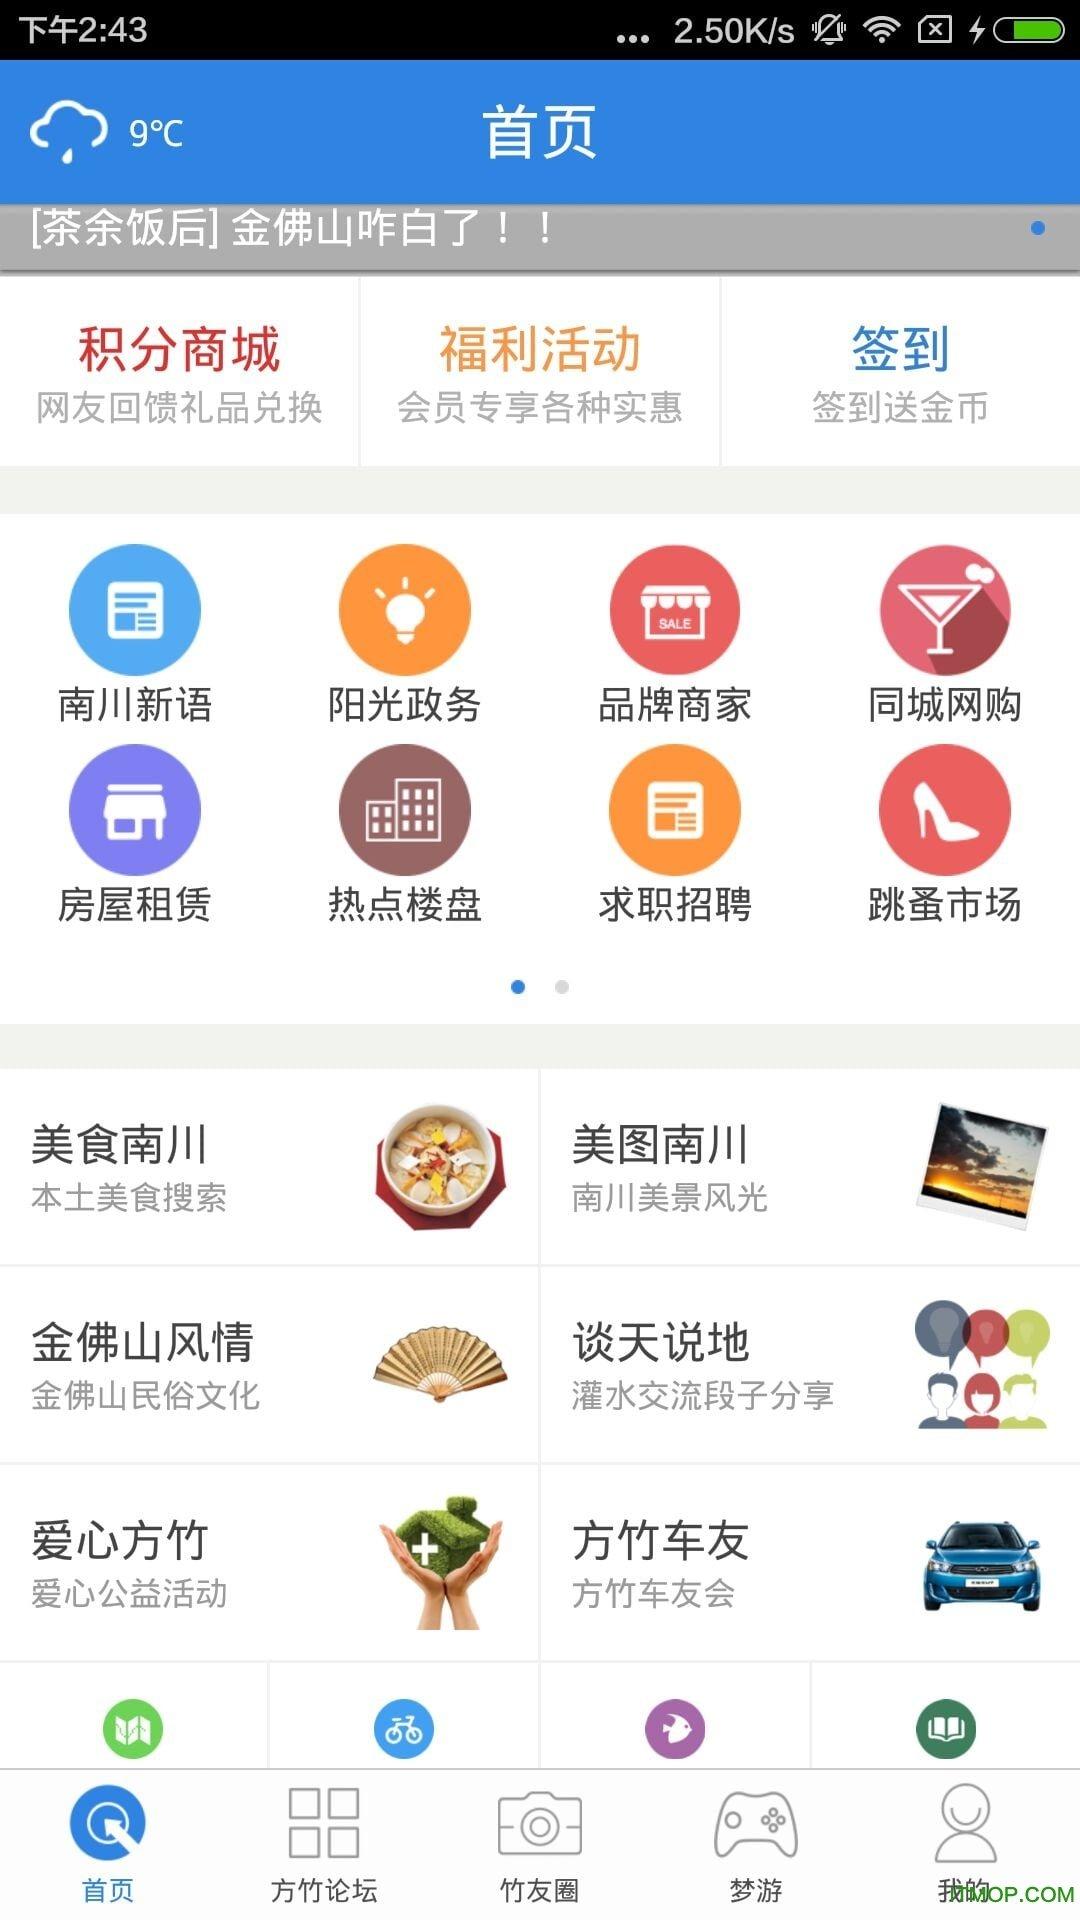 南川方竹论坛app v3.0.0 官方安卓版0